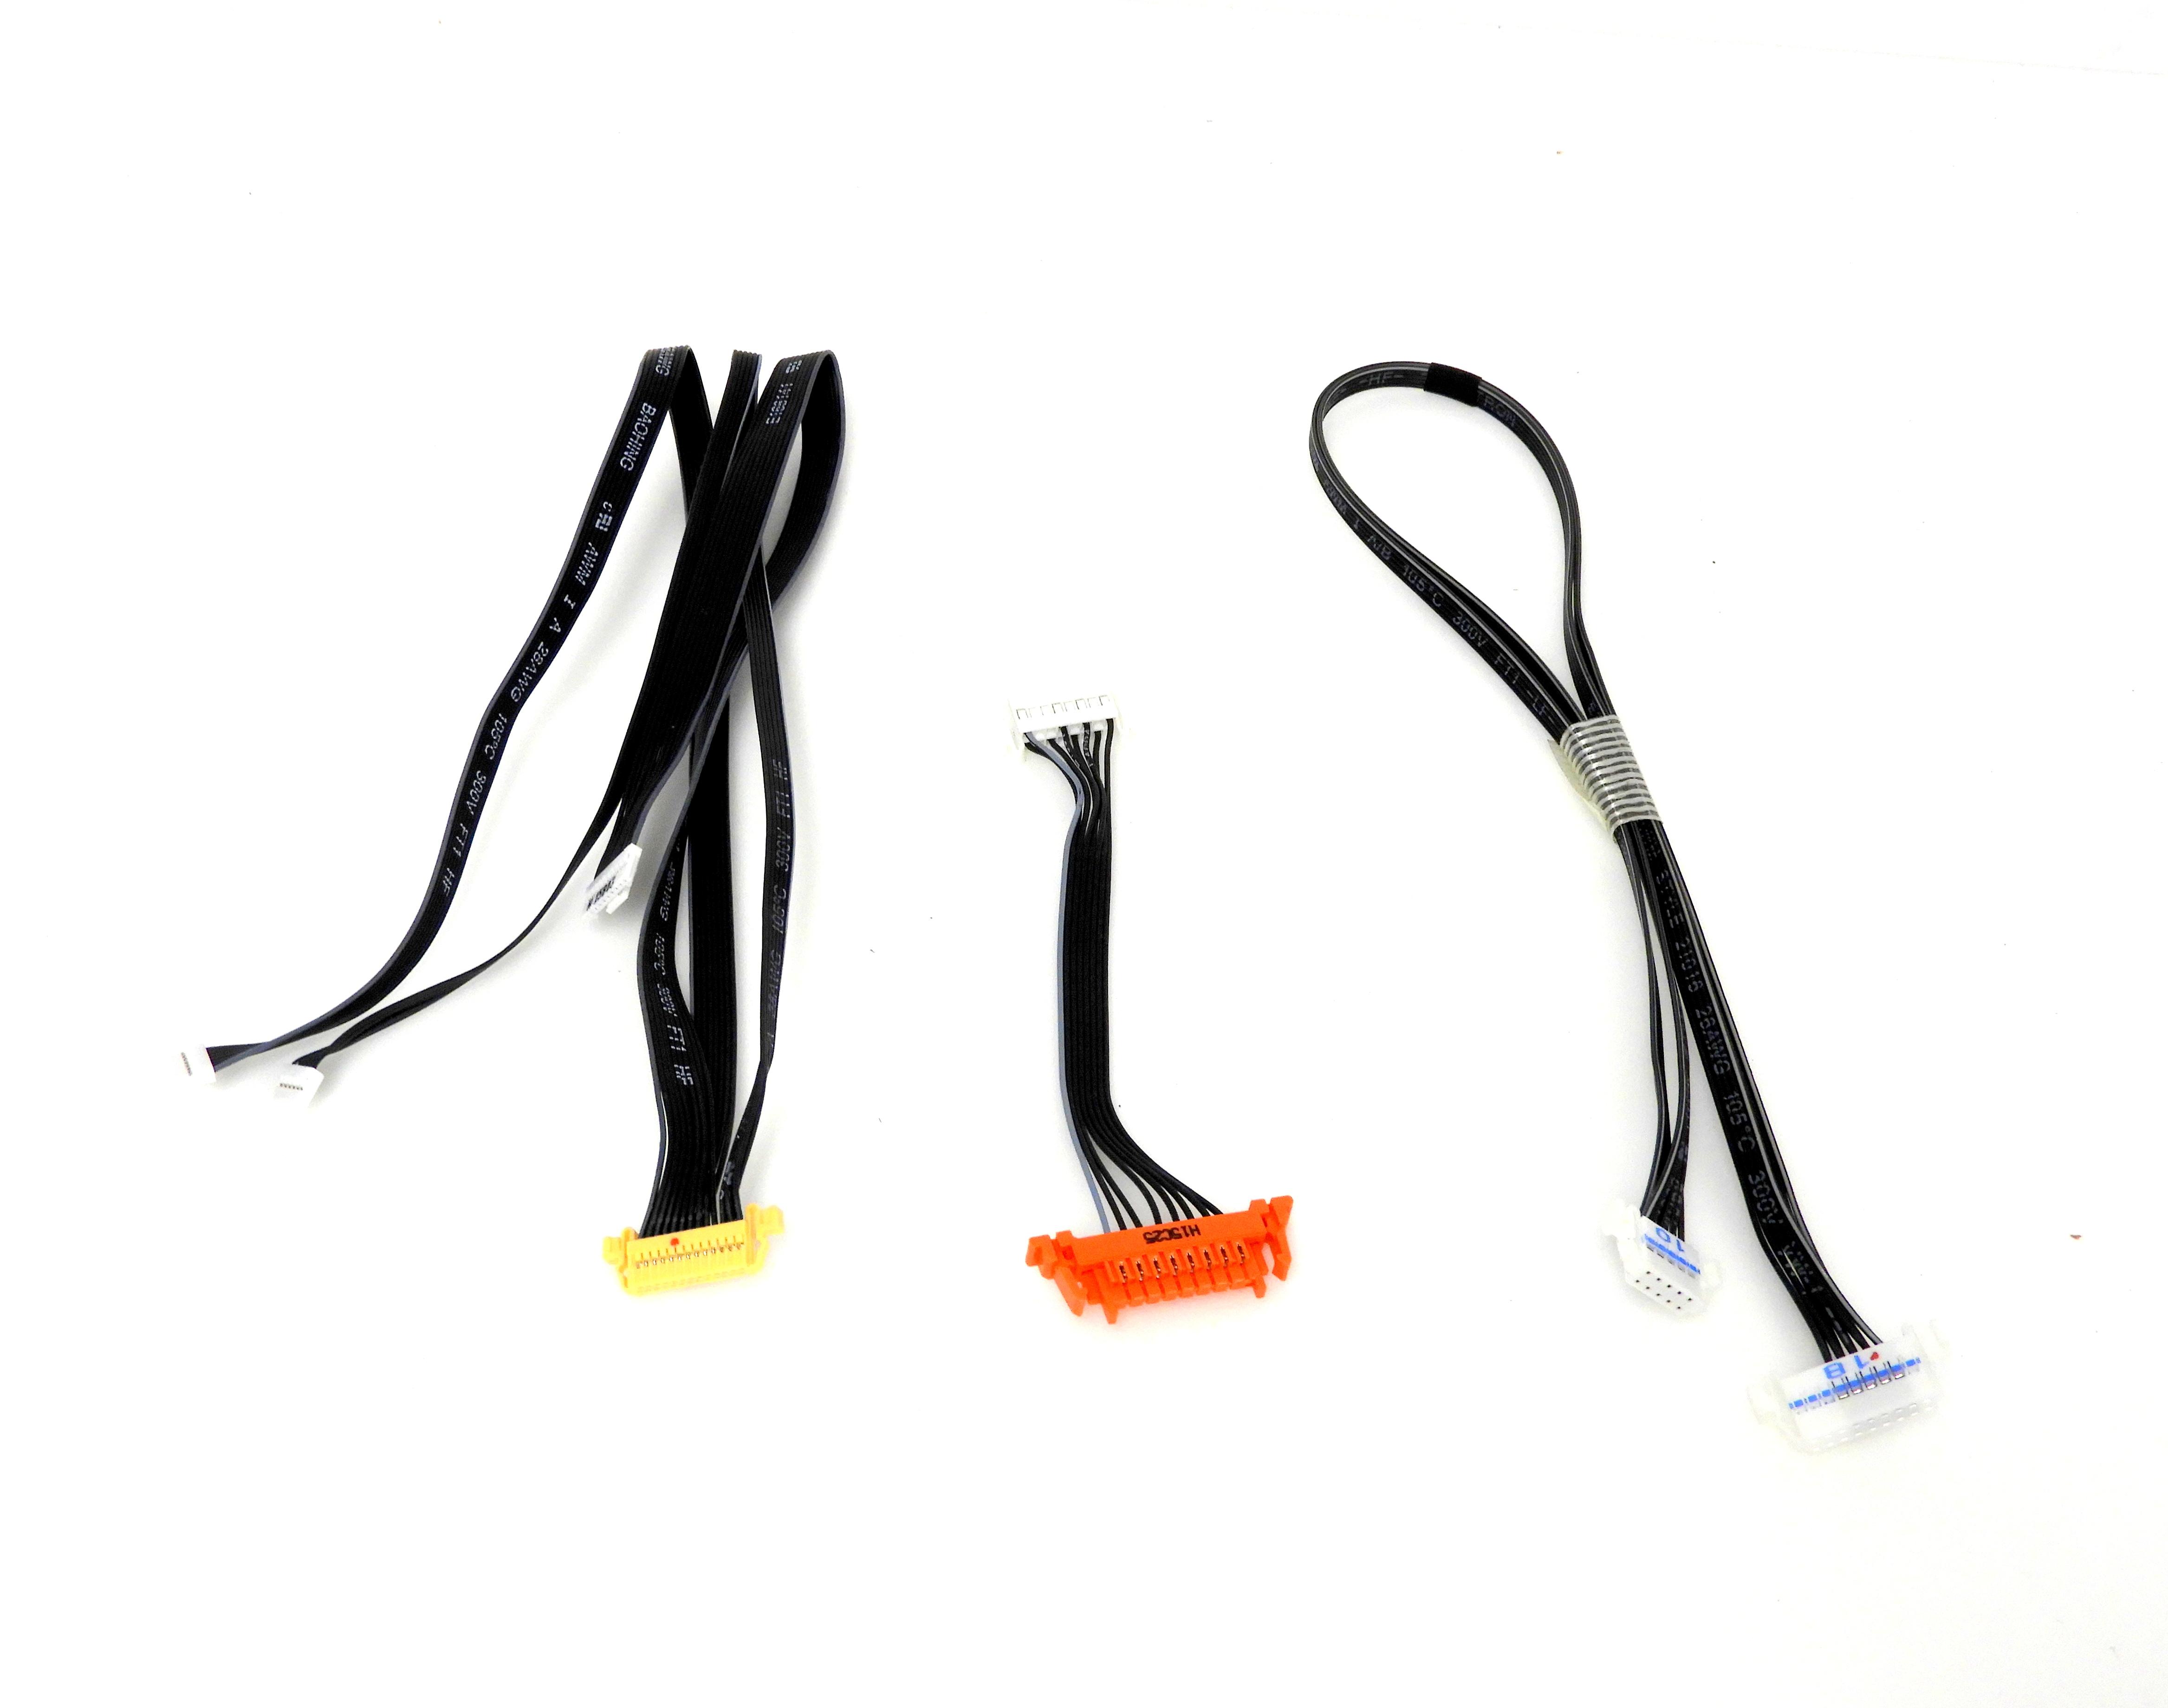 Samsung Hg55nd690ef Cables Set